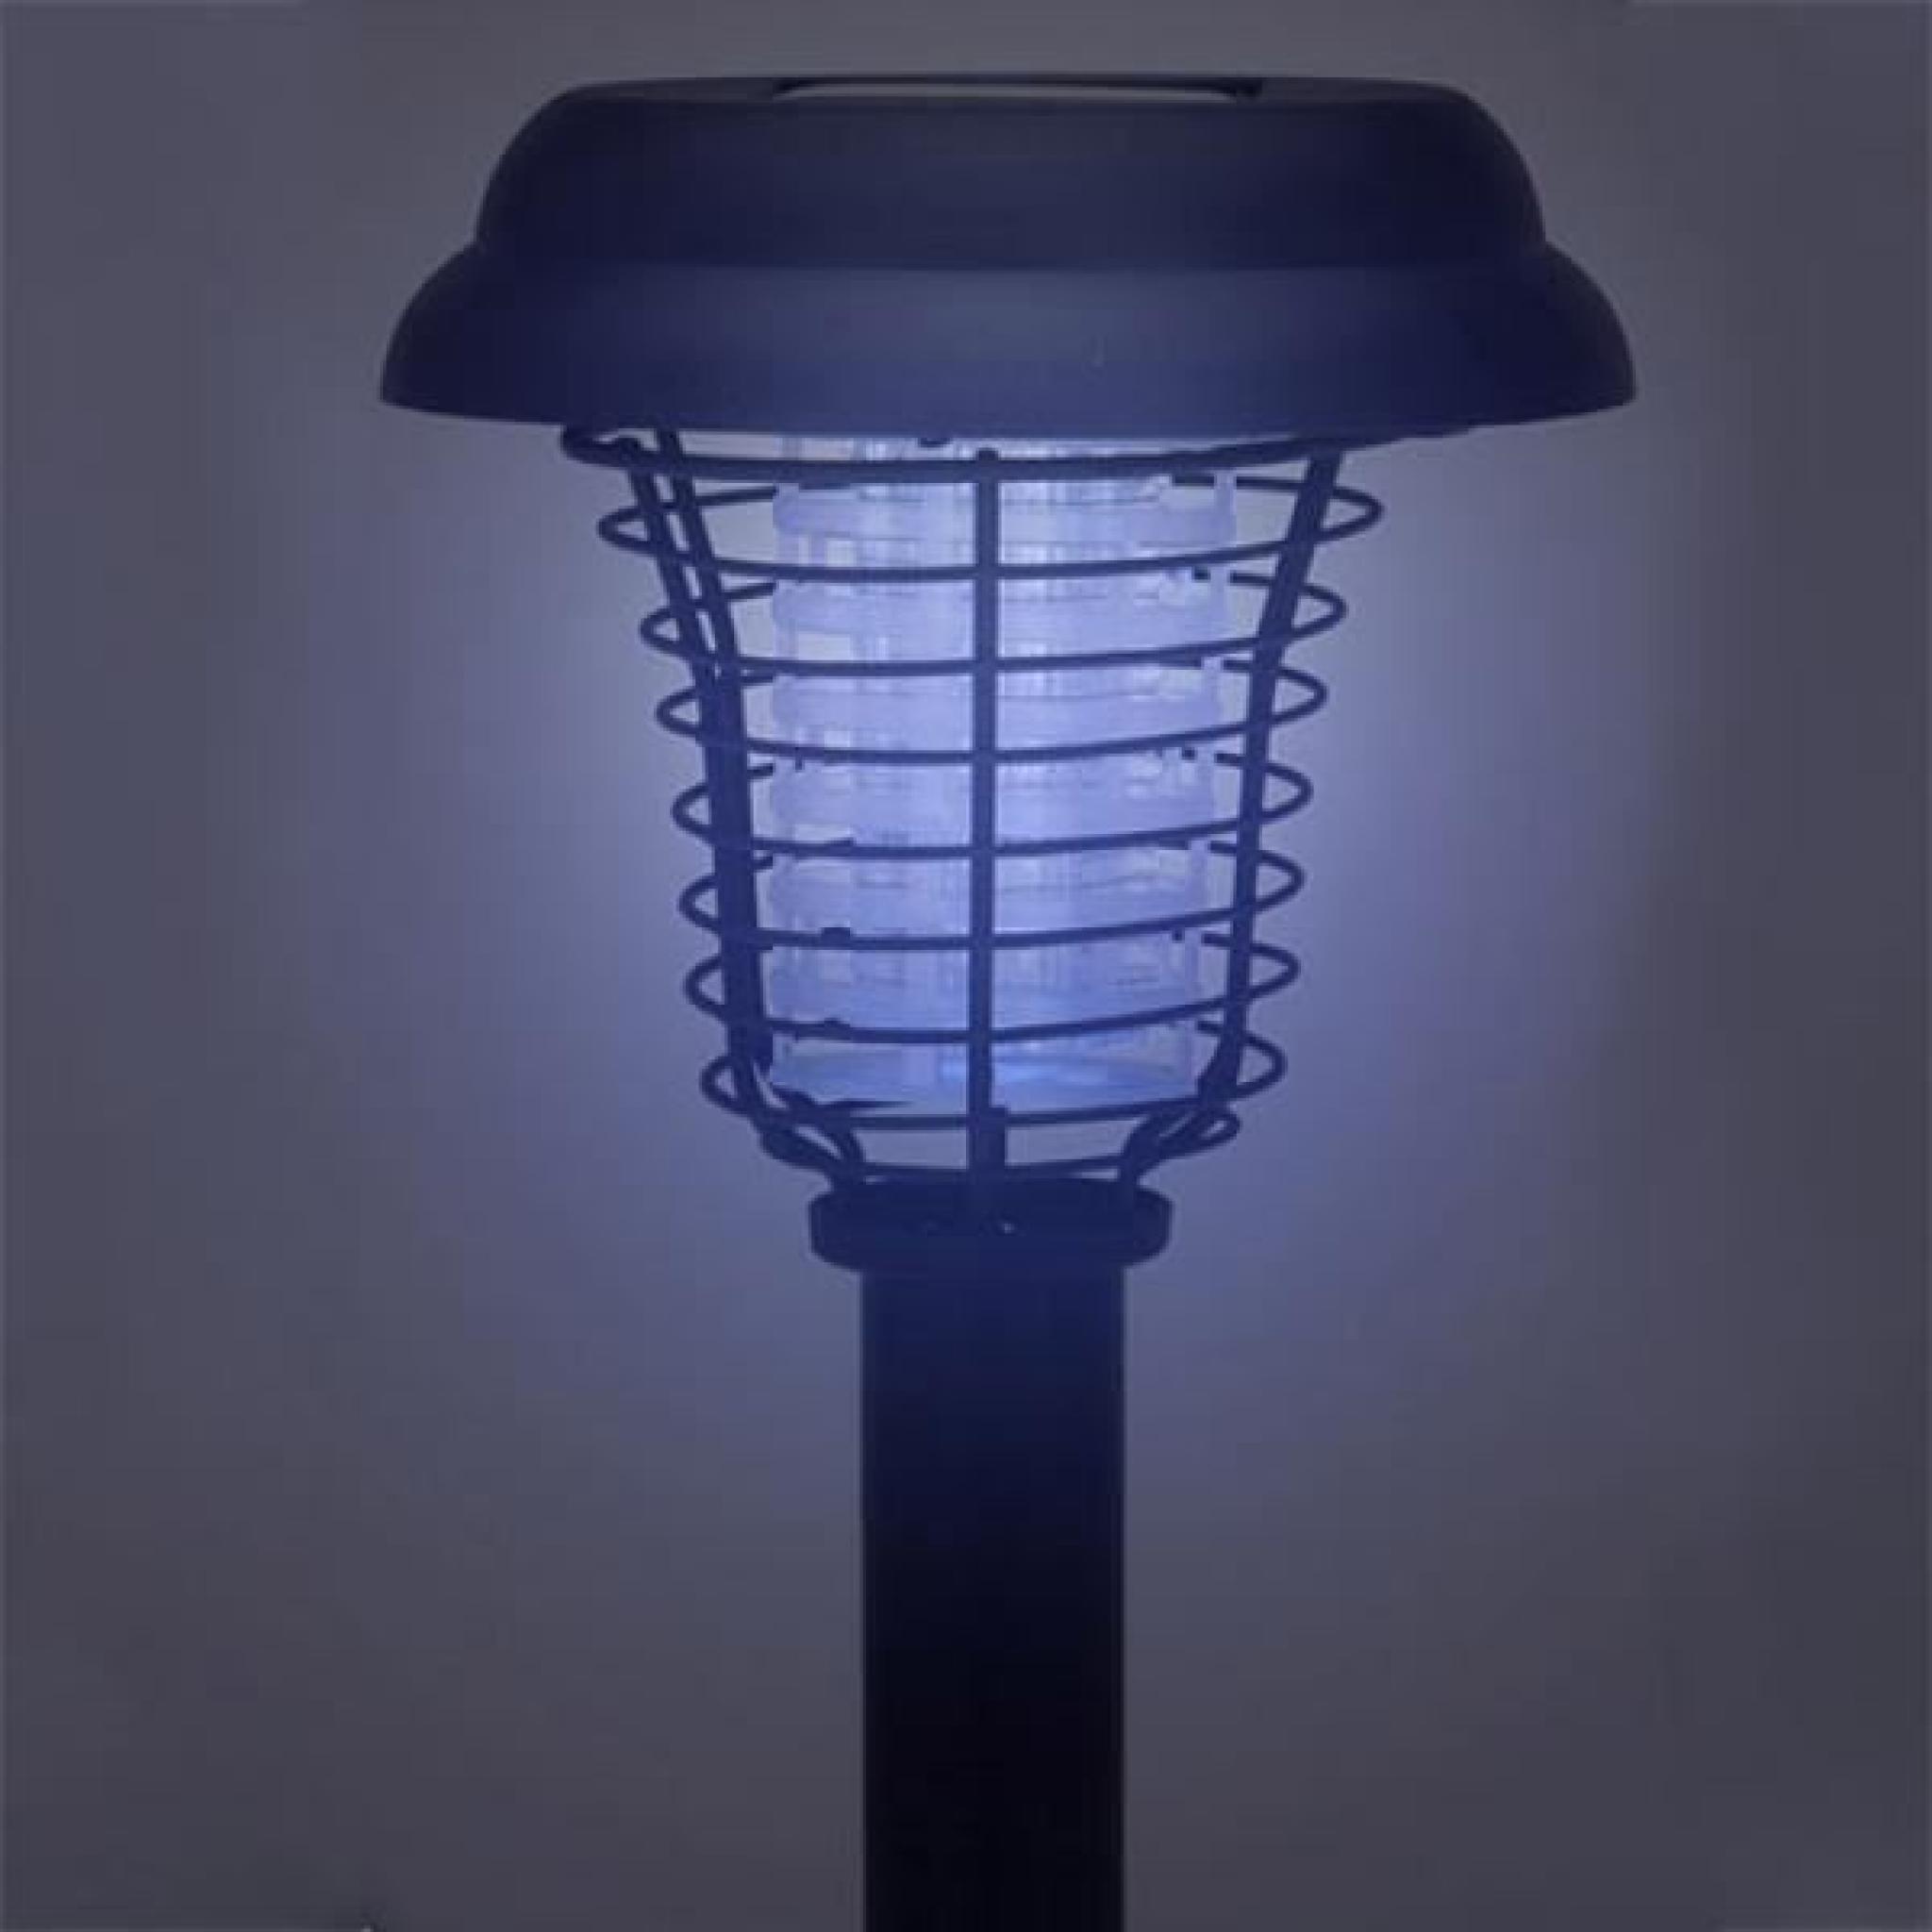 Solaire Jardin Lampe Jardin Lampe Solaire Solaire Jardin Anti Anti Moustique Moustique Lampe f7v6Ybgy